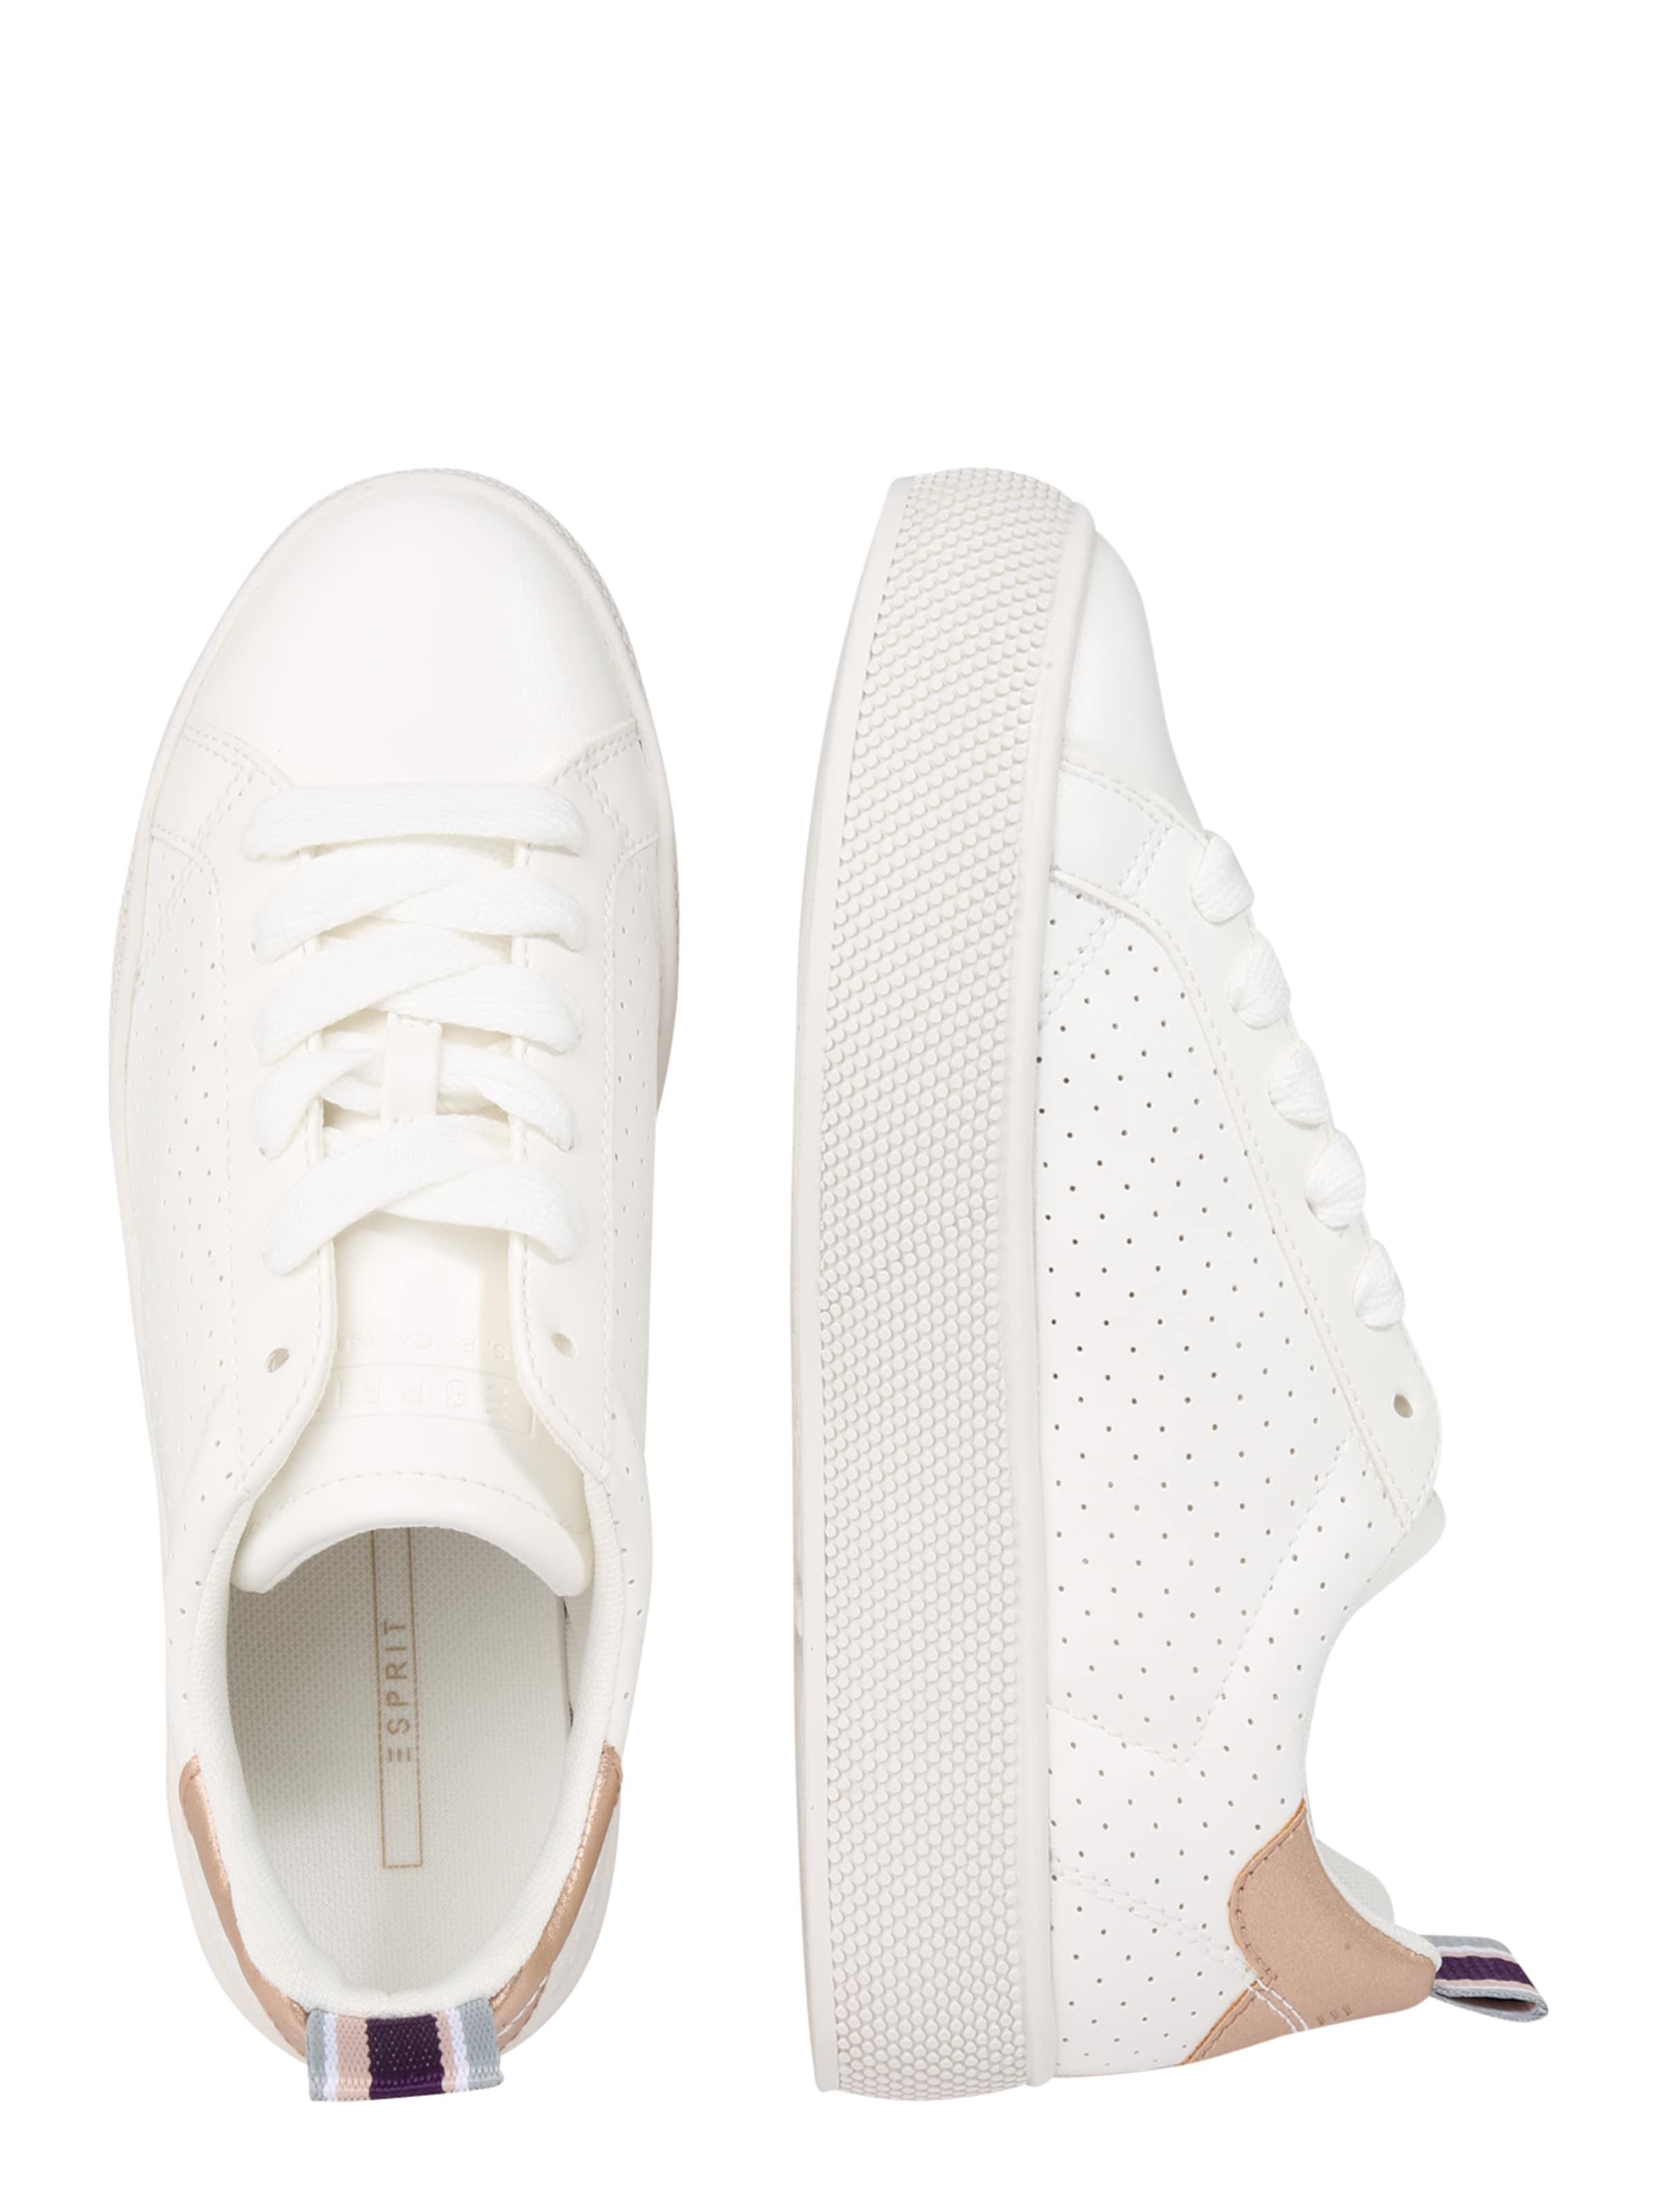 Weiß Weiß Sneaker In Sneaker Sneaker In Esprit Weiß Esprit Esprit Sneaker In In Esprit 0Ok8nwPX